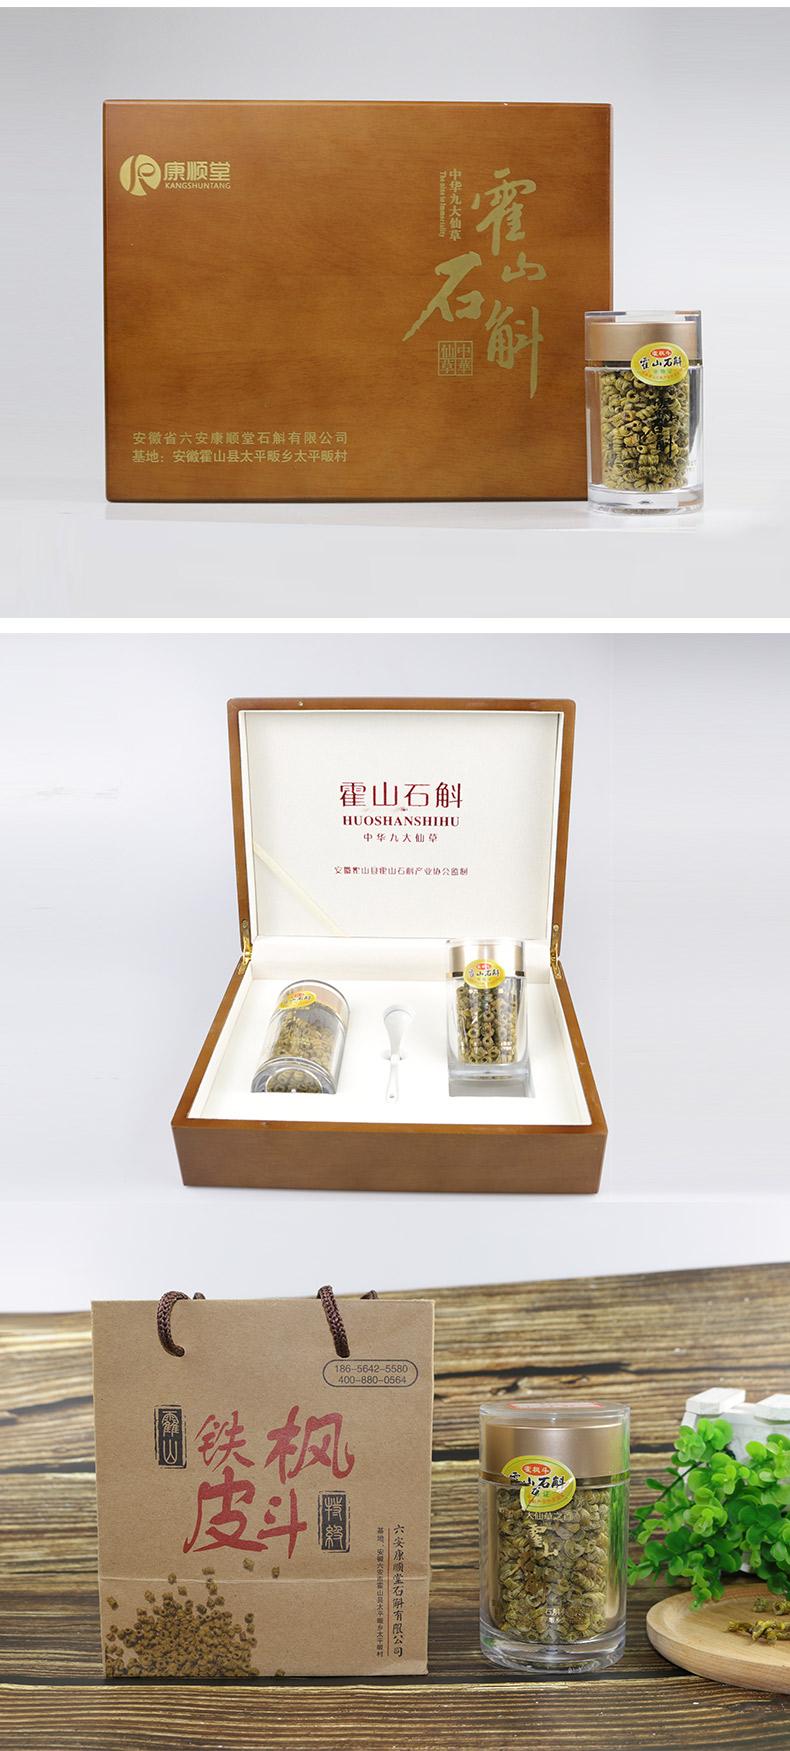 4年仿野生好的铁皮枫斗胶质浓厚 精选 霍山枫斗石斛产地大量批发(图79)